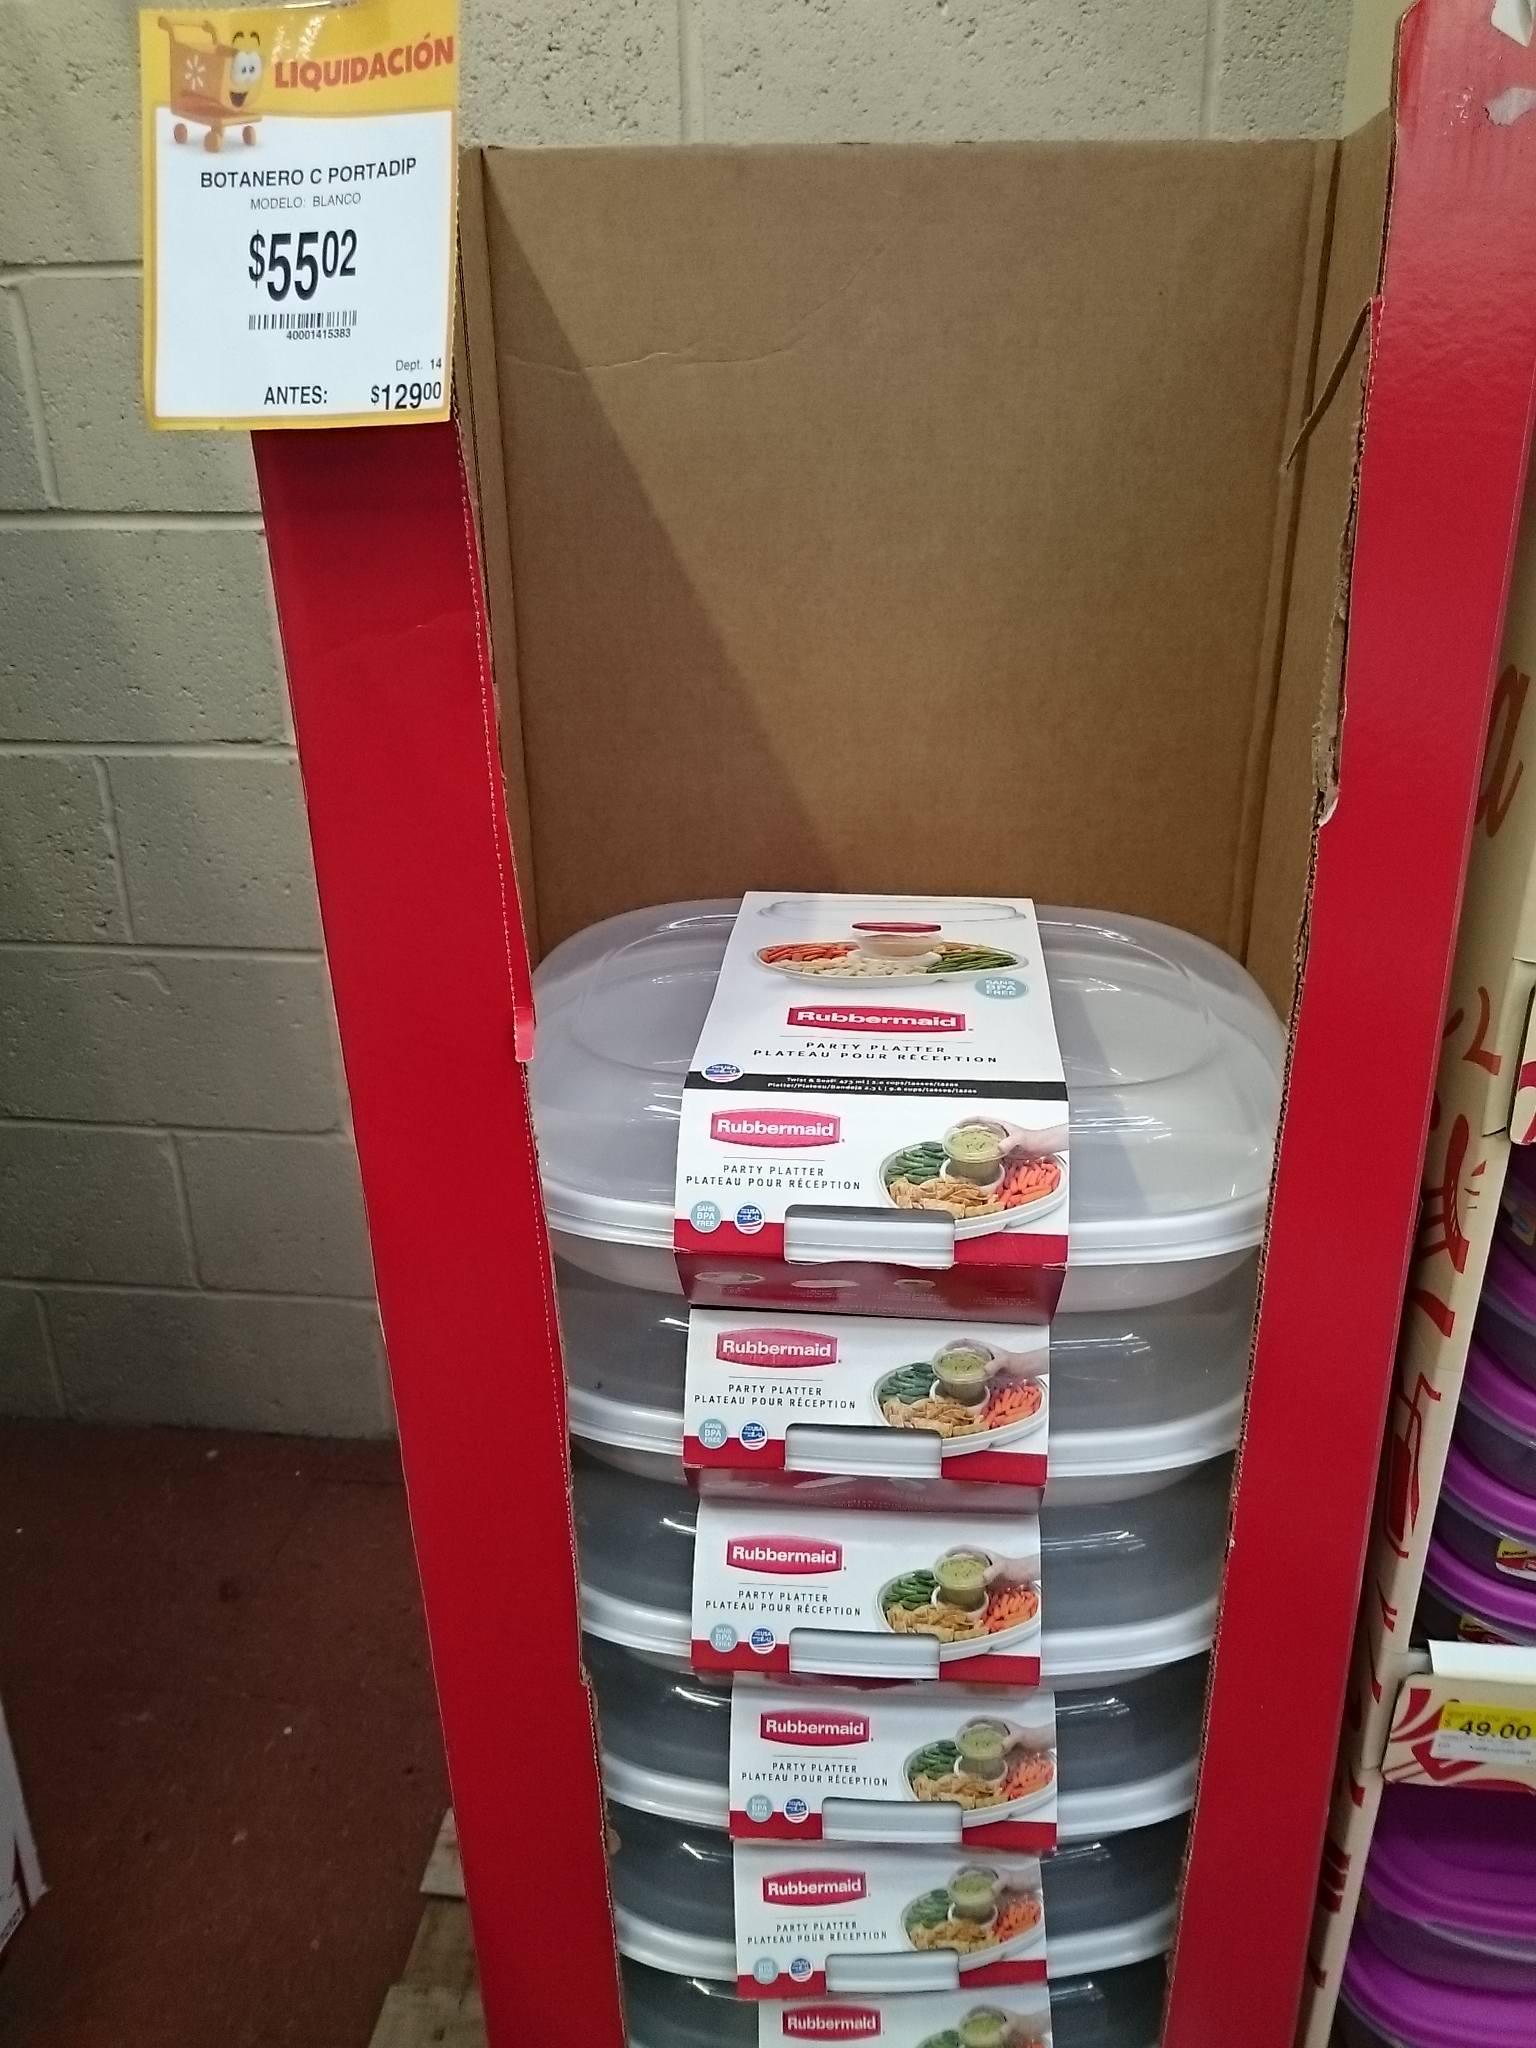 Walmart (Eduardo Molina): Botanero con Portadip $55.02